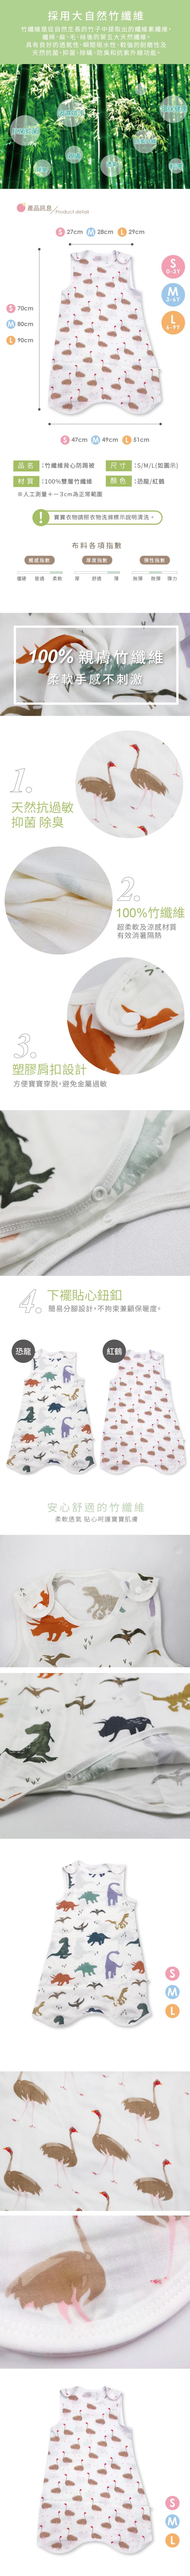 頂級雙層竹纖維 抗UV 背心防踢被 睡袋 睡毯被子 空調被 寶寶 護肚必備 0-9Y【JA0100】